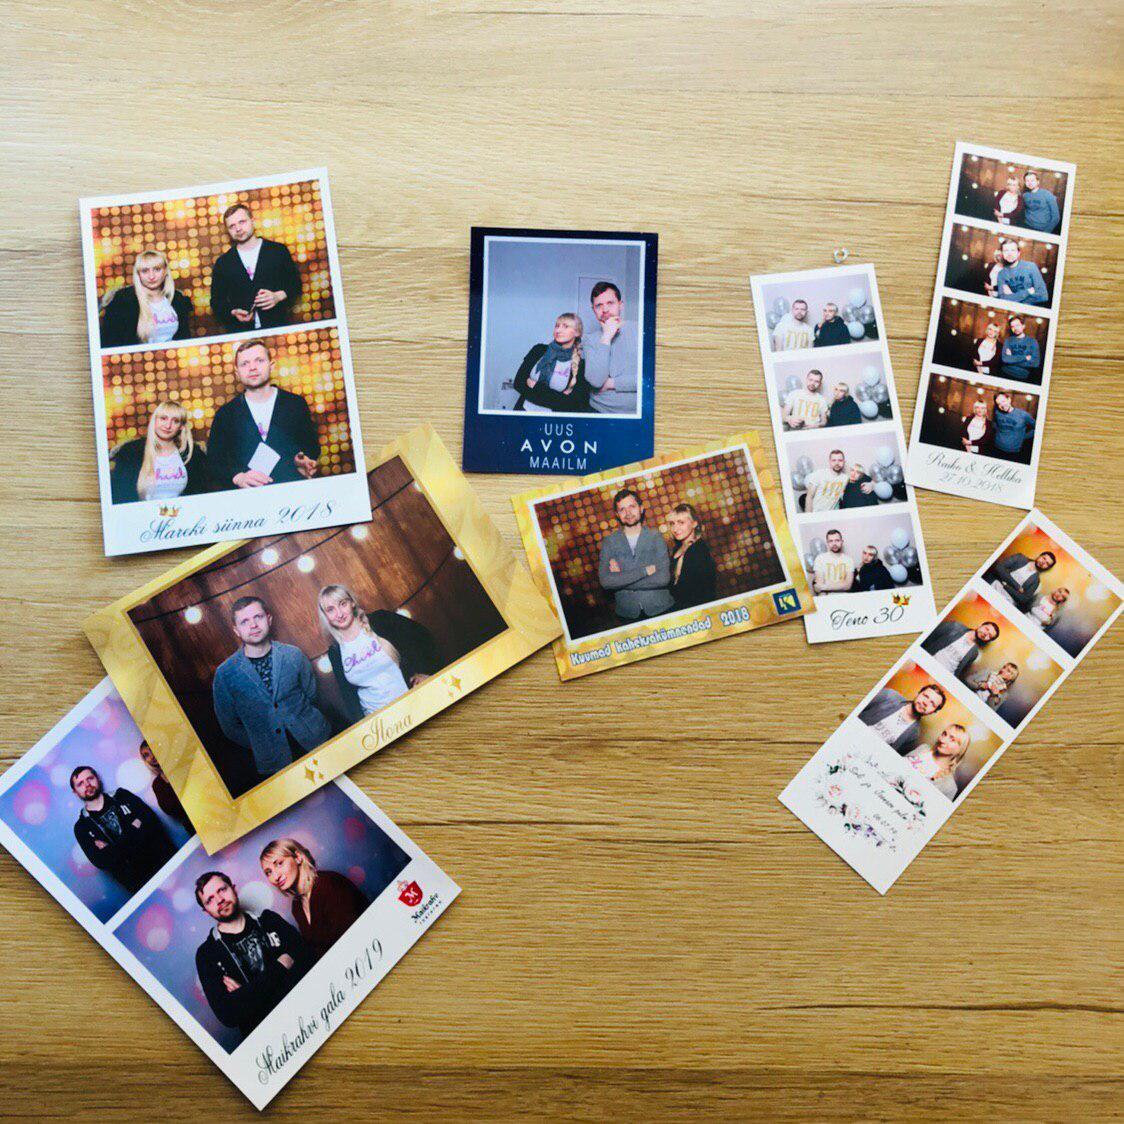 имеющих форматы фото квадратные работаем предметами, имеющими